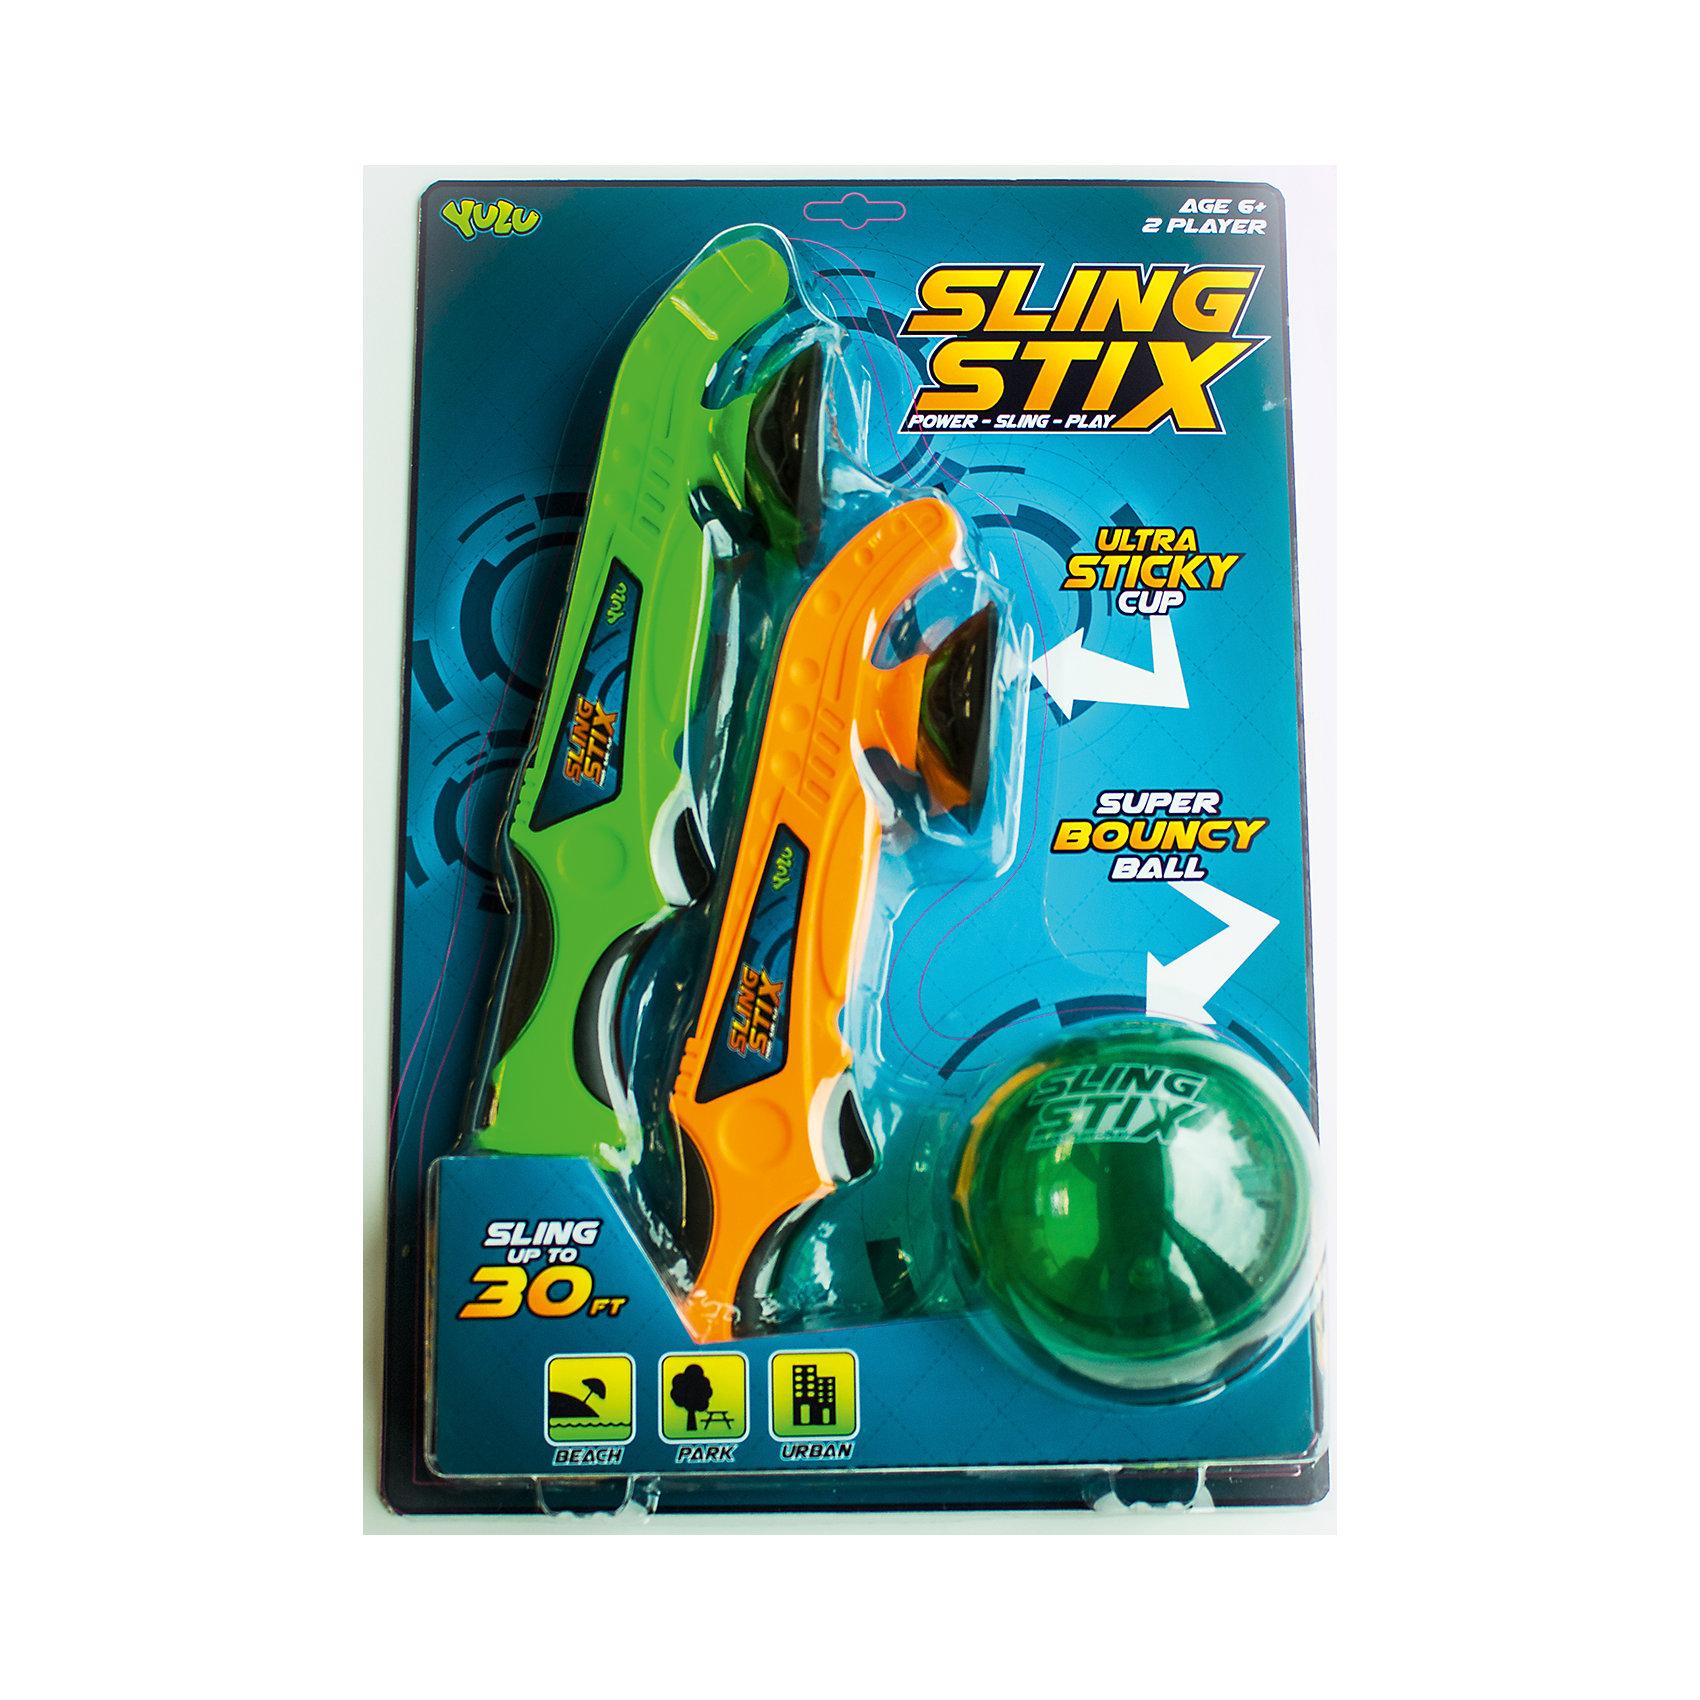 Набор для игры Sling Stix, YuluБадминтон и теннис<br><br><br>Ширина мм: 420<br>Глубина мм: 280<br>Высота мм: 100<br>Вес г: 513<br>Возраст от месяцев: 72<br>Возраст до месяцев: 2147483647<br>Пол: Унисекс<br>Возраст: Детский<br>SKU: 6835702